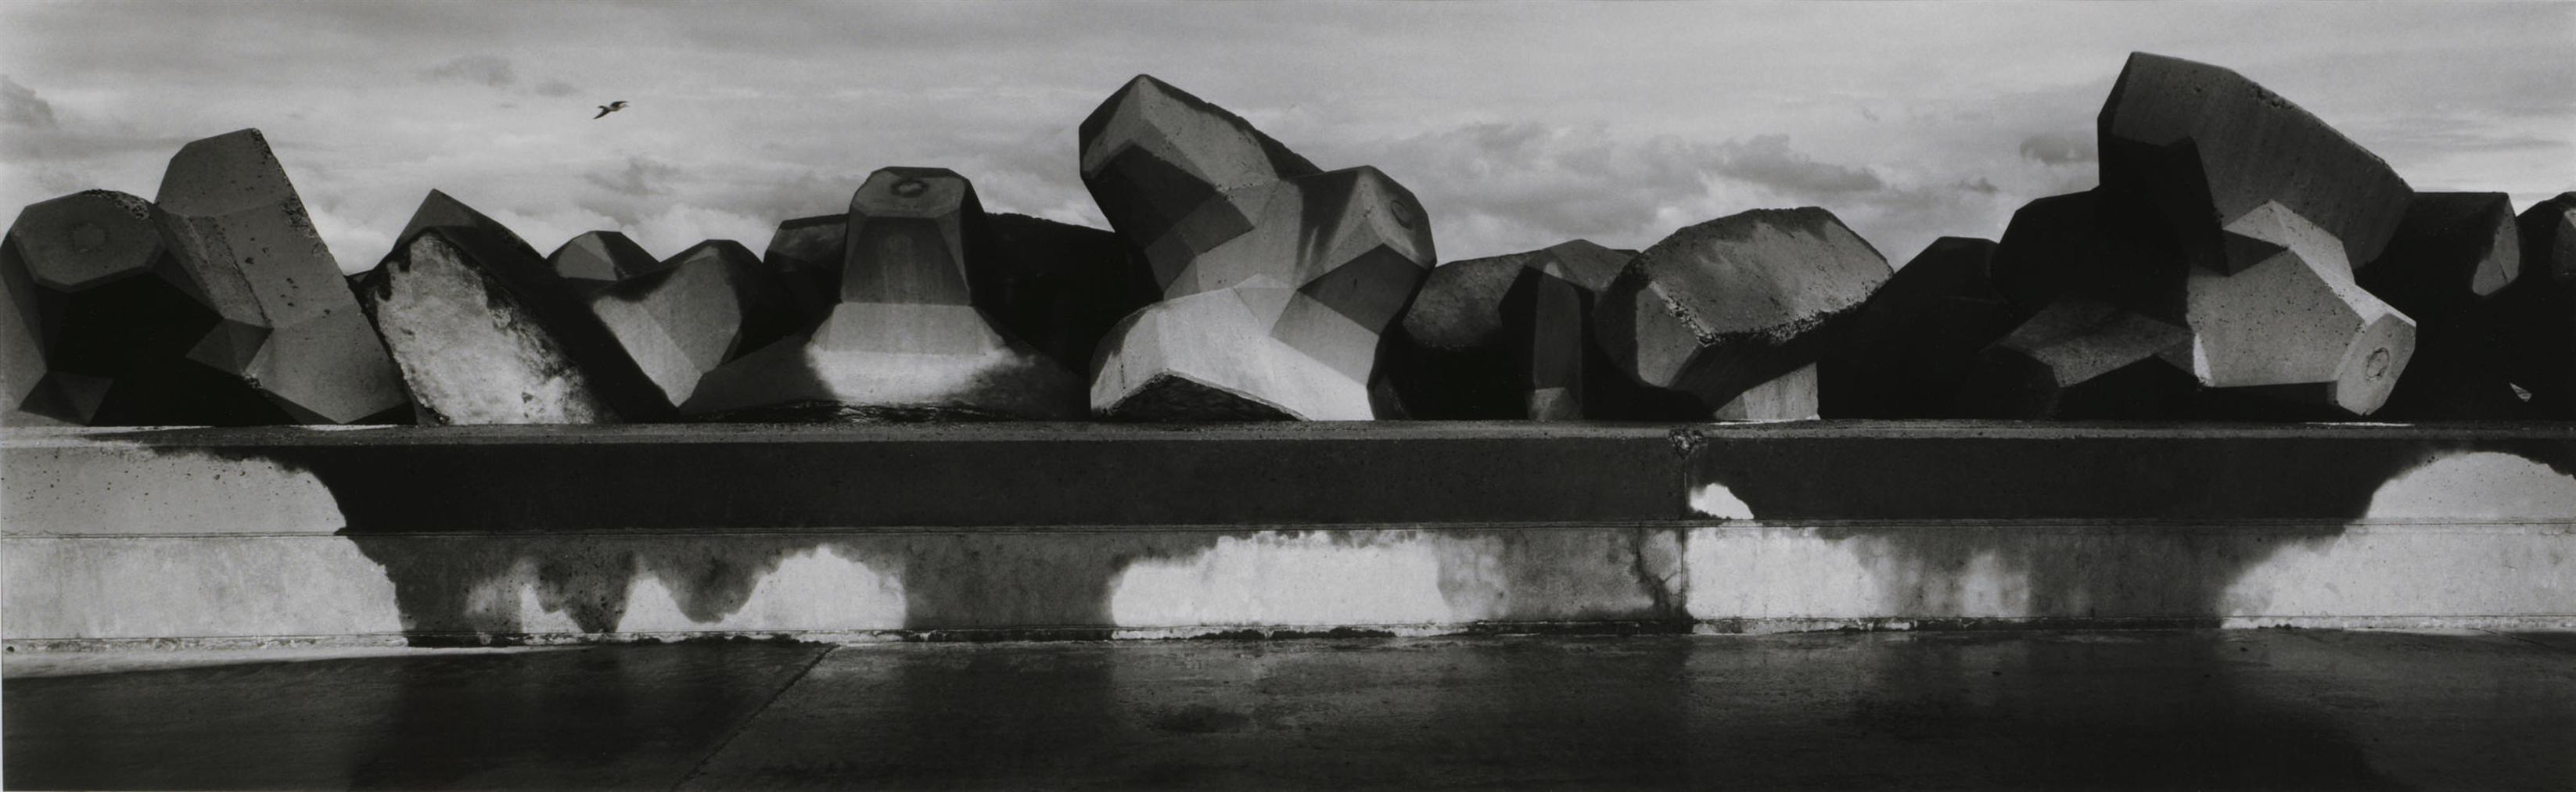 Josef Koudelka-France (Nord Pas-De-Calais), From Chaos-1989